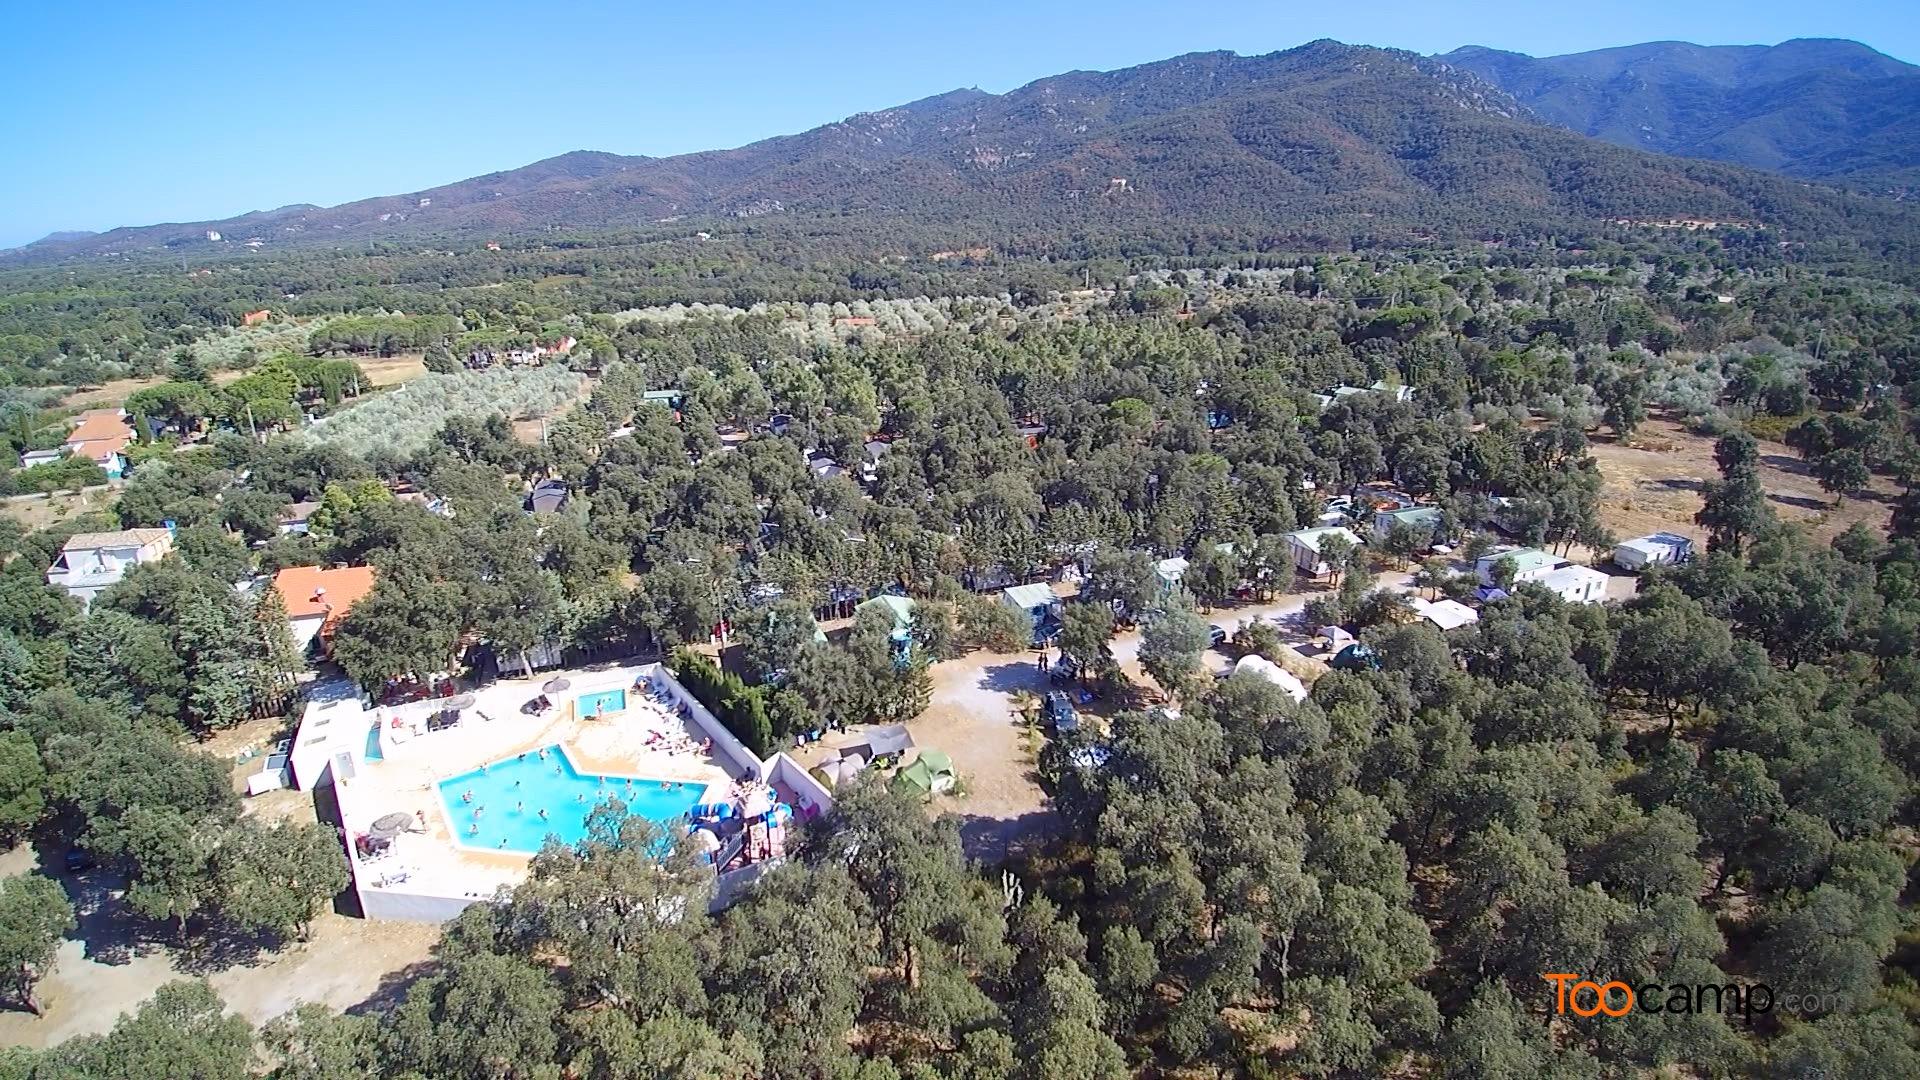 Camping - Les Chênes Rouges - Argelès-sur-Mer - Languedoc-Roussillon - France